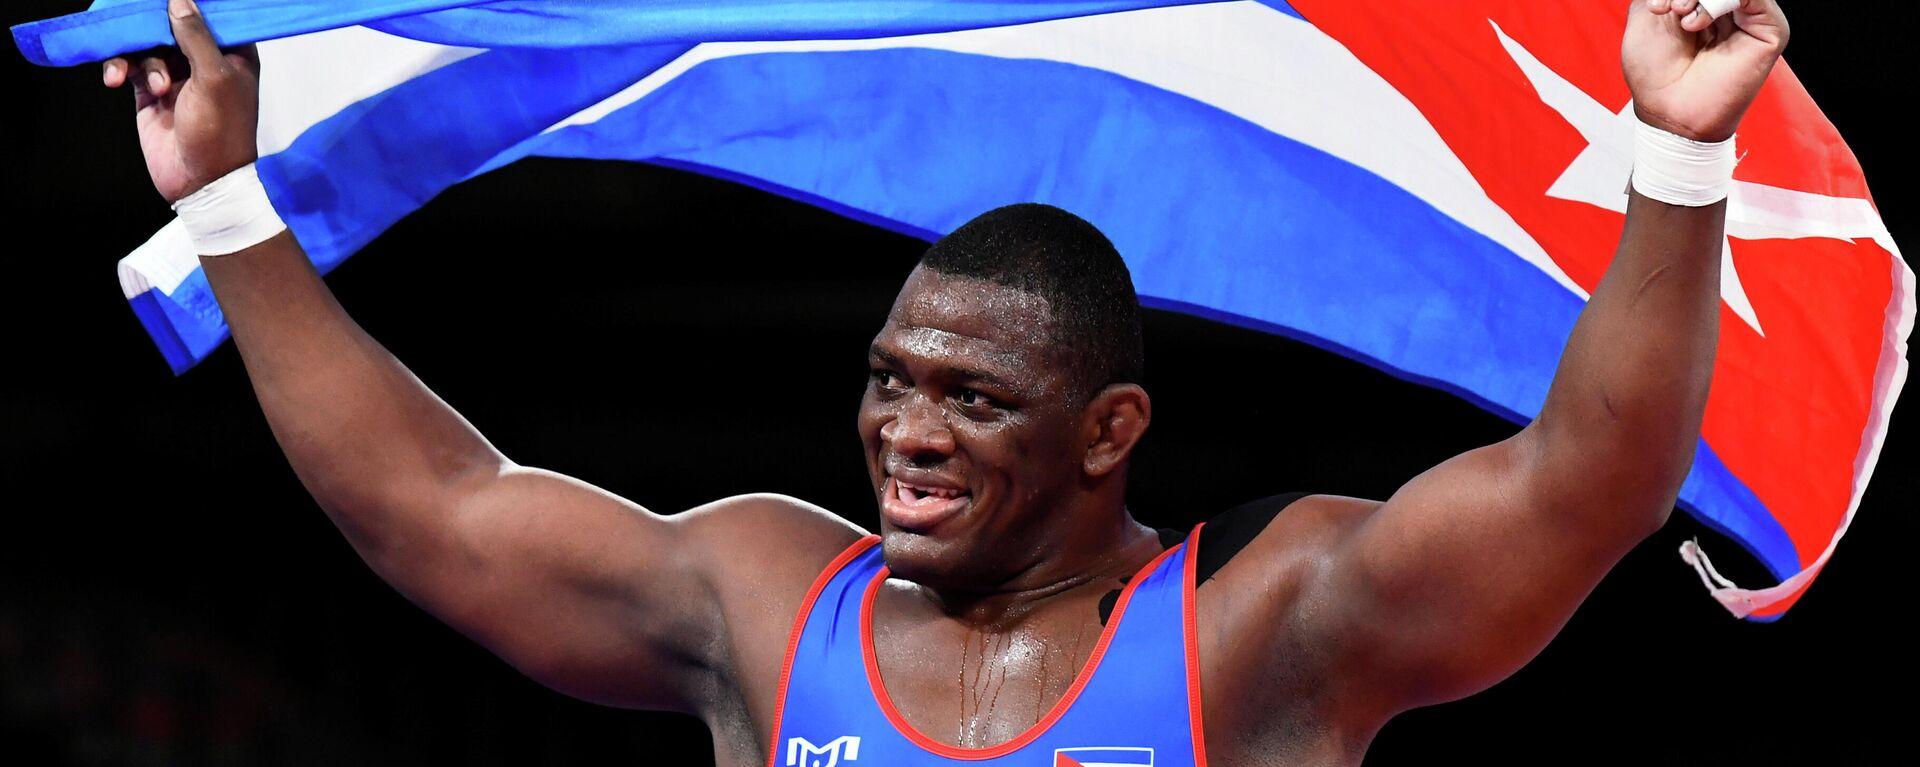 Mijaín López, luchador cubano - Sputnik Mundo, 1920, 02.08.2021